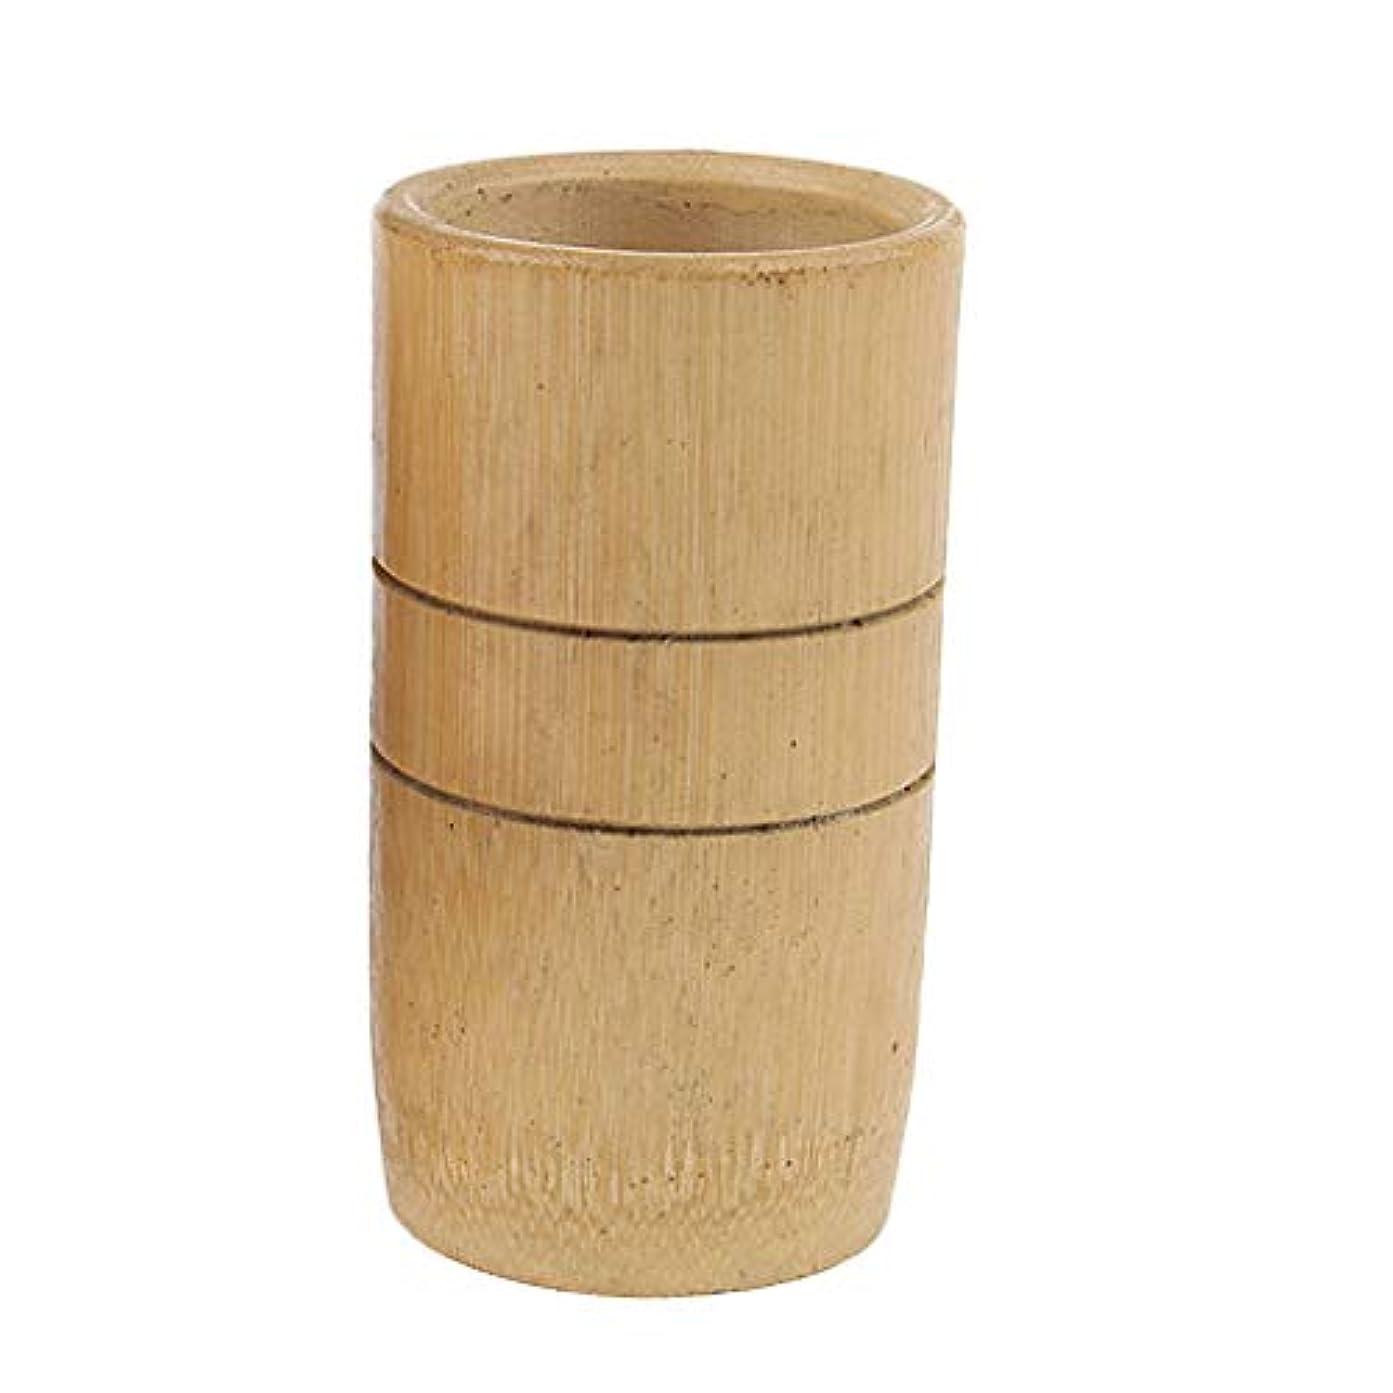 不倫磁気引っ張るchiwanji マッサージカップ 吸い玉 カッピング 天然竹製 男女兼用 2個入